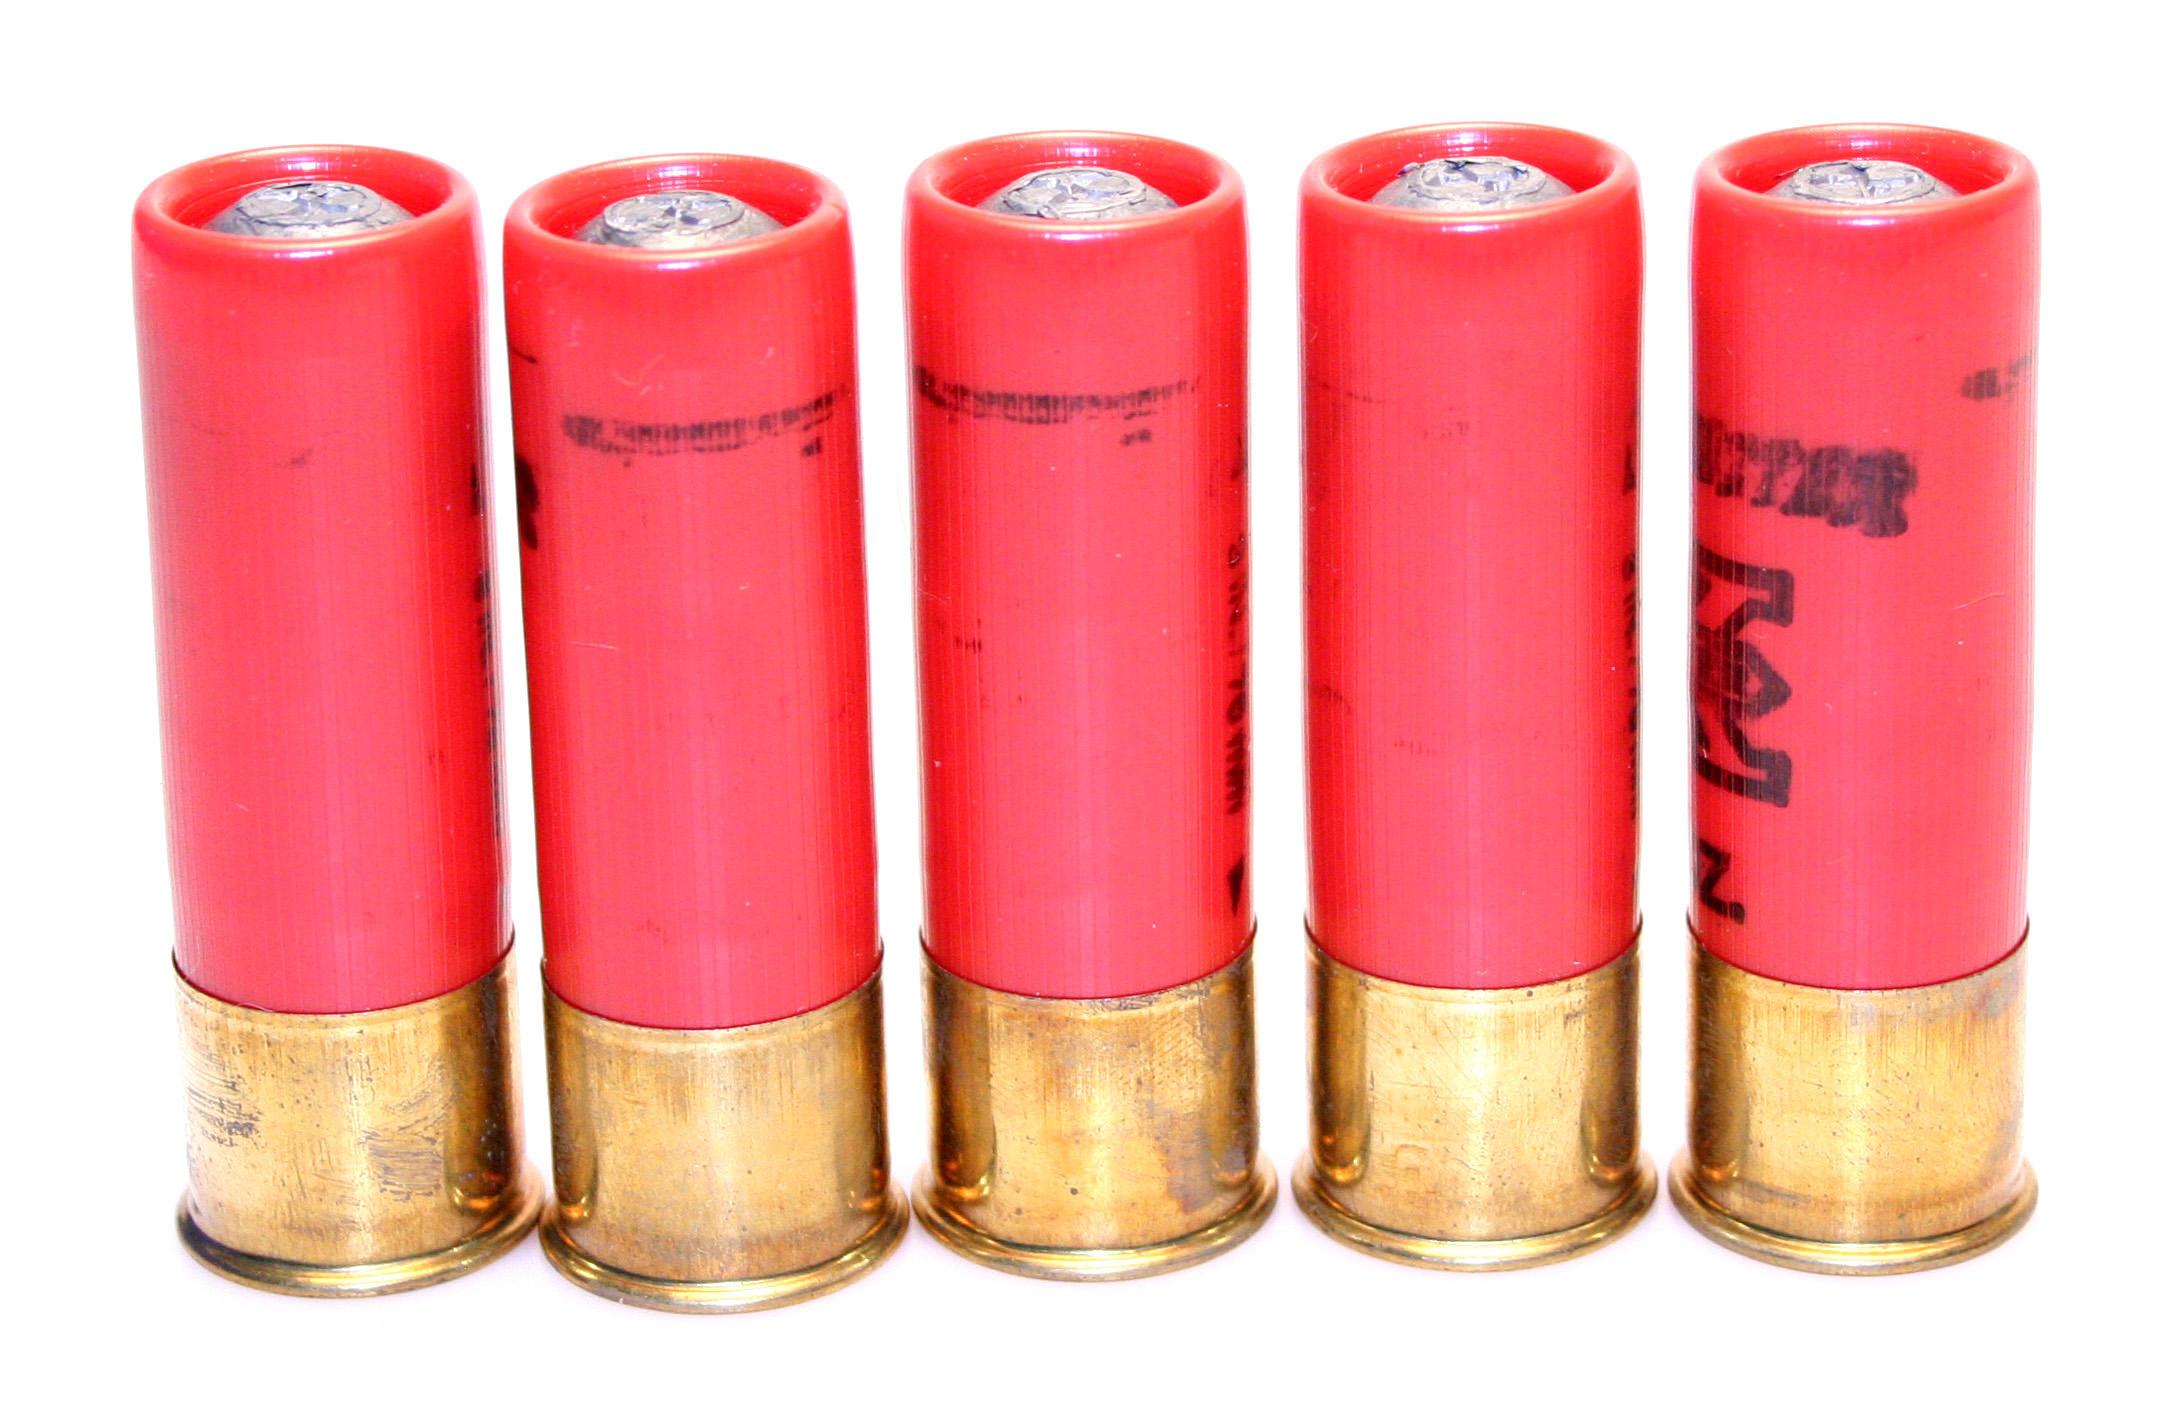 12 gauge shotgun shells slug 3 by eviln8 on deviantart